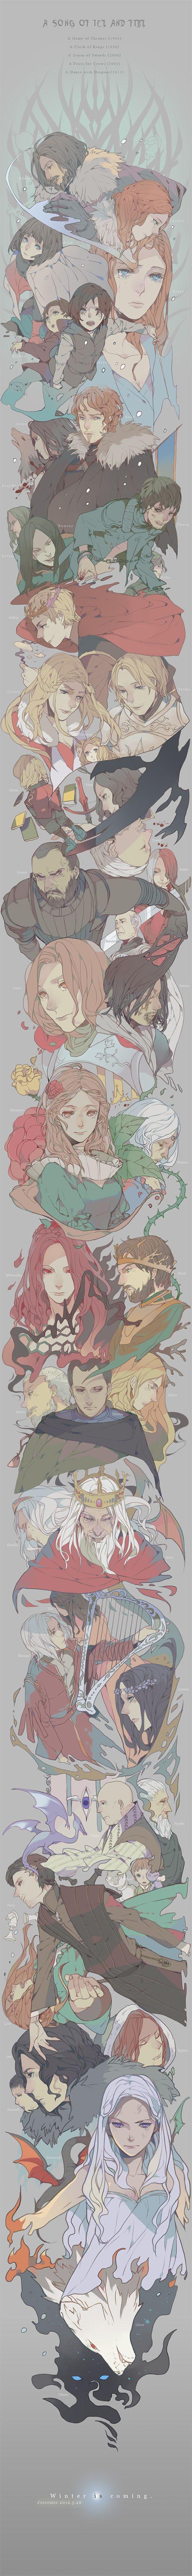 Si los personajes de Juego de Tronos fueran manga